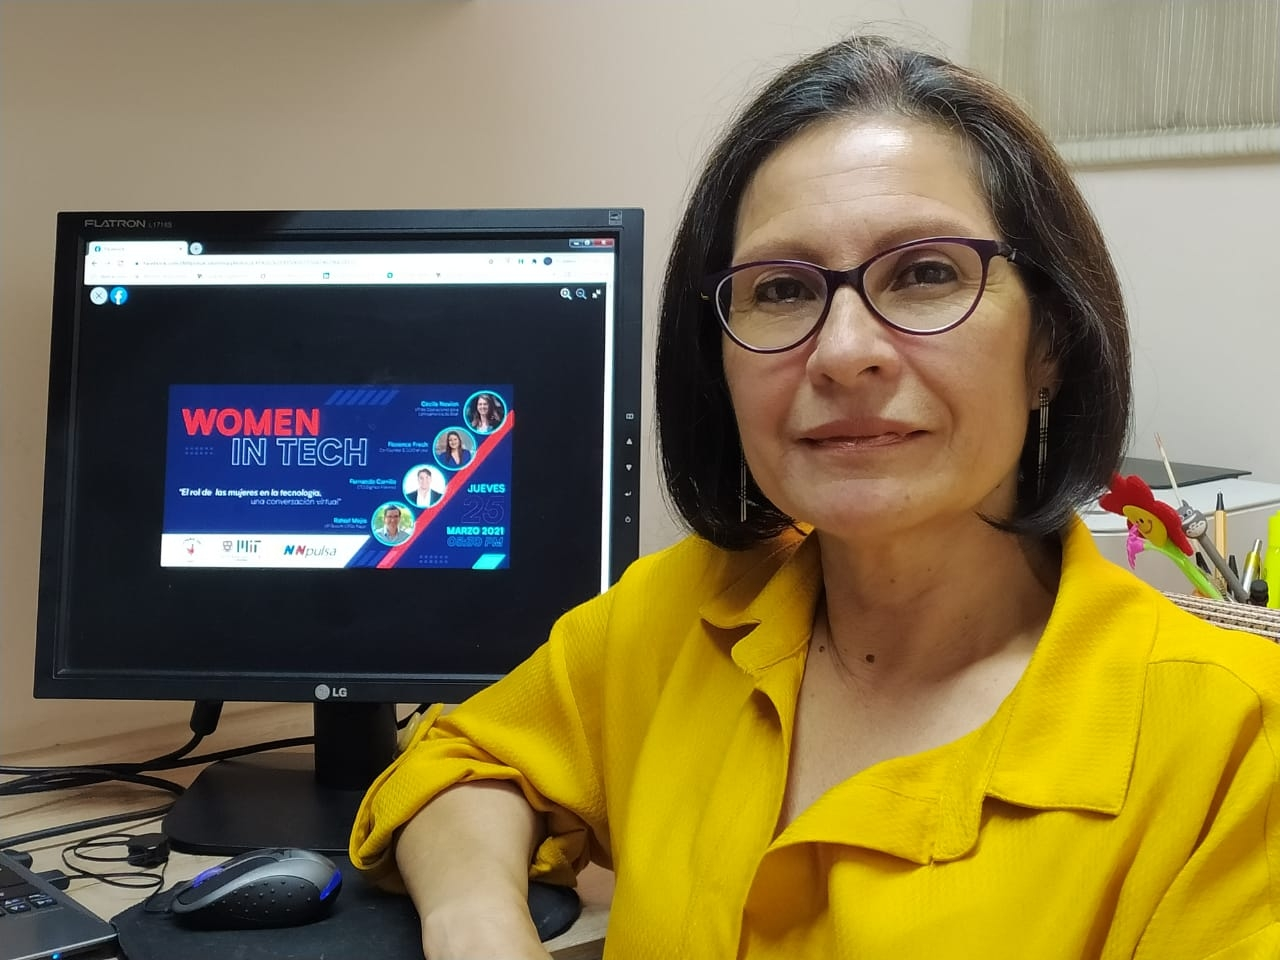 Las dificultades que entraña ser mujer y empresaria en la industria tecnológica en Colombia